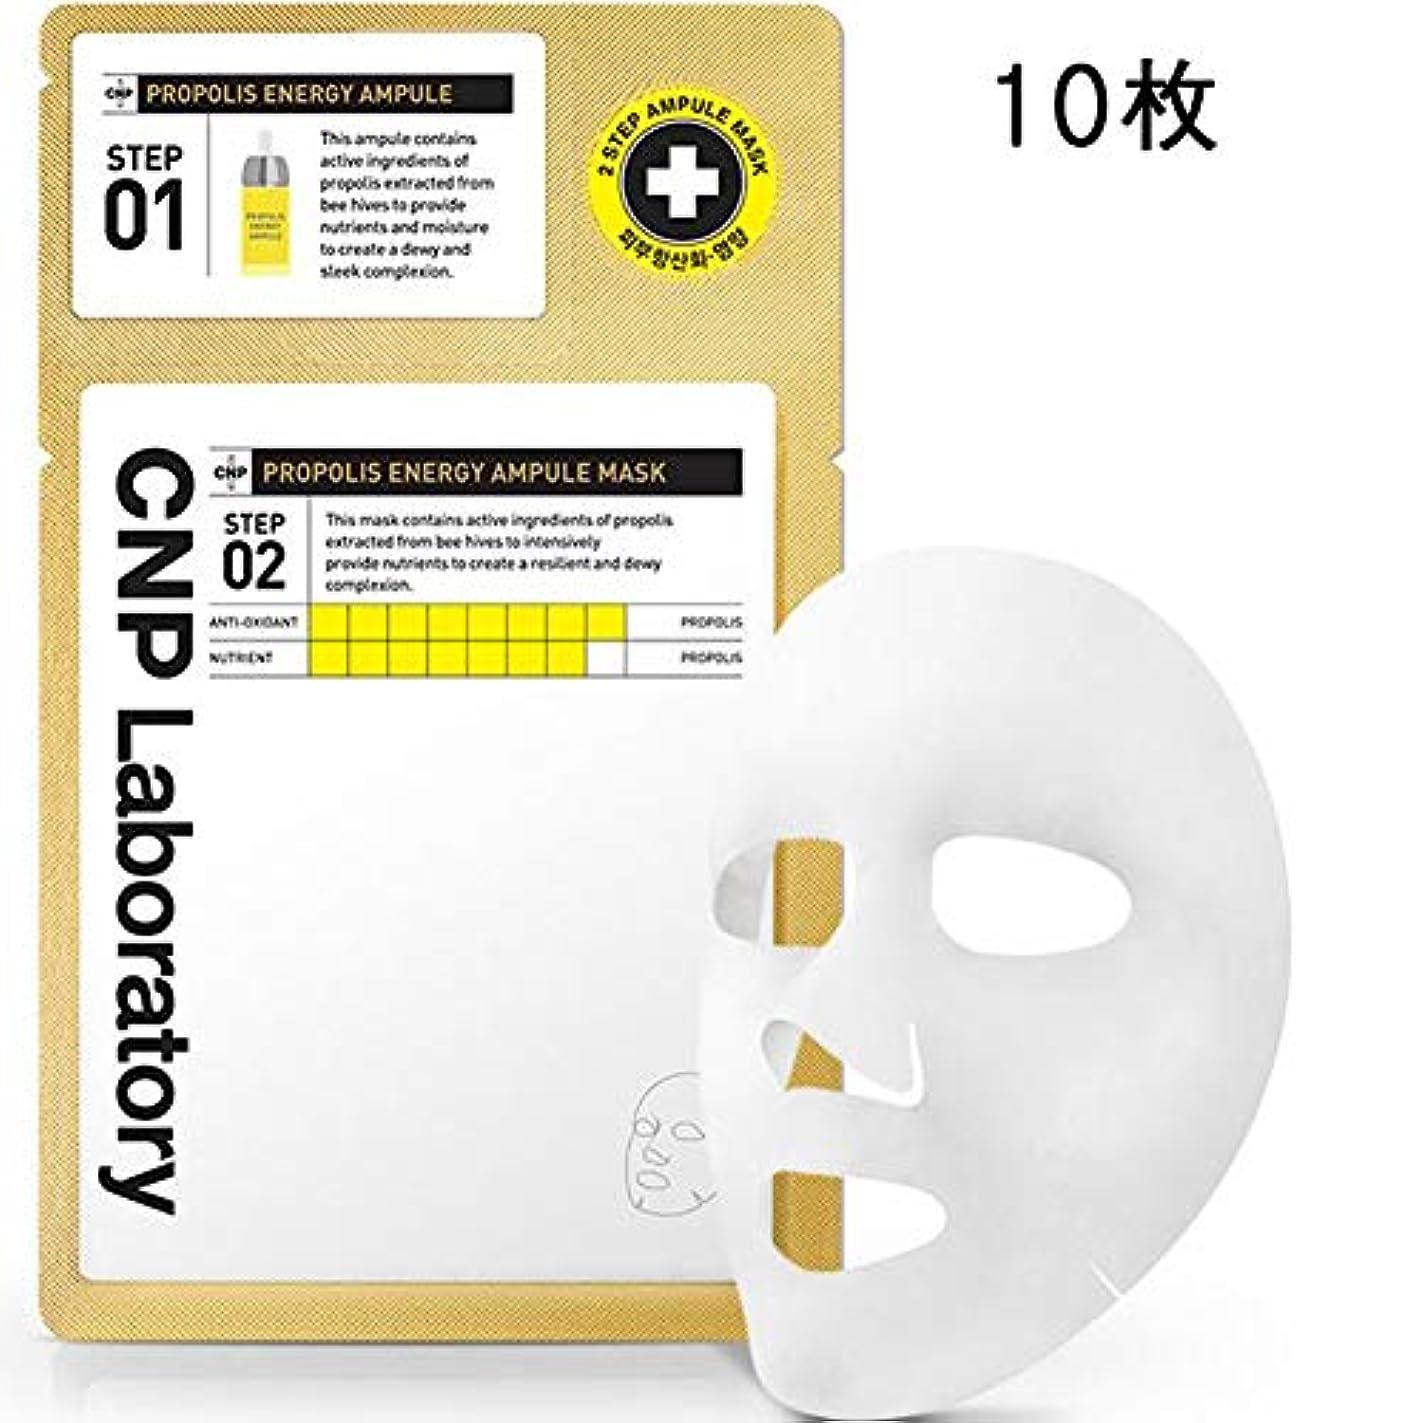 ブレンド極めて六[CNP]チャ&パクプロポリスエネルギーアンプルマスクパック10枚 (1step 1.5ml + 2step 30ml)[海外直送品][並行輸入品]